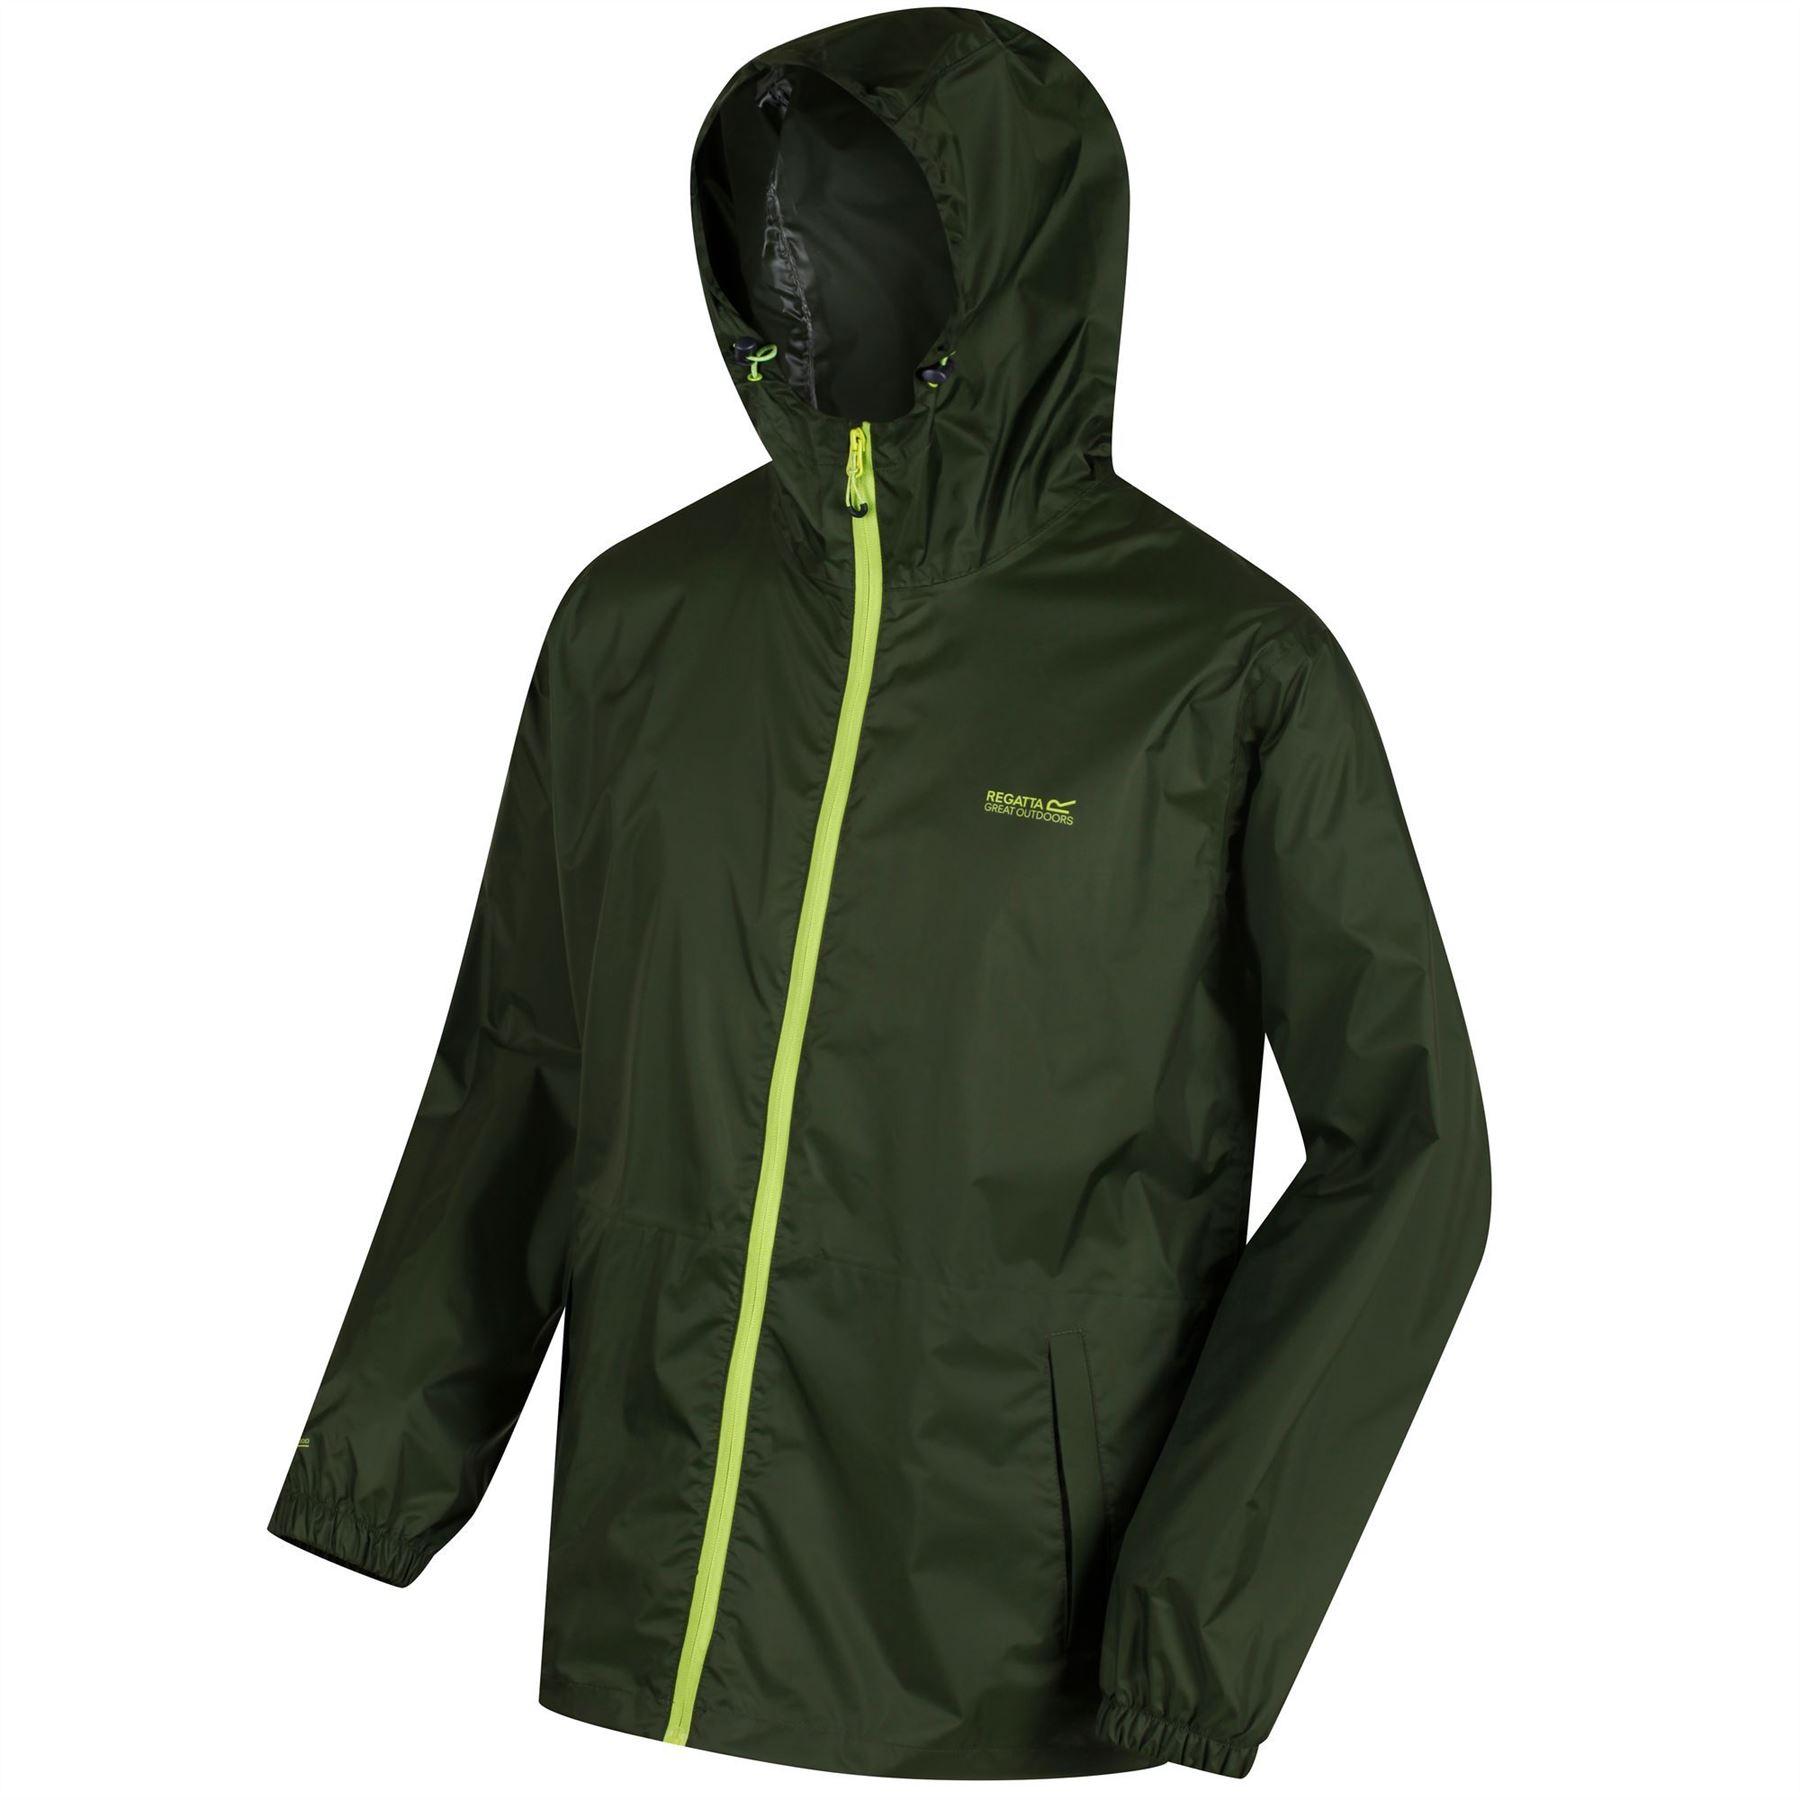 miniatuur 15 - Regatta Mens Pack-it In a bag Packable Waterproof Jacket Outdoor Pack a mac